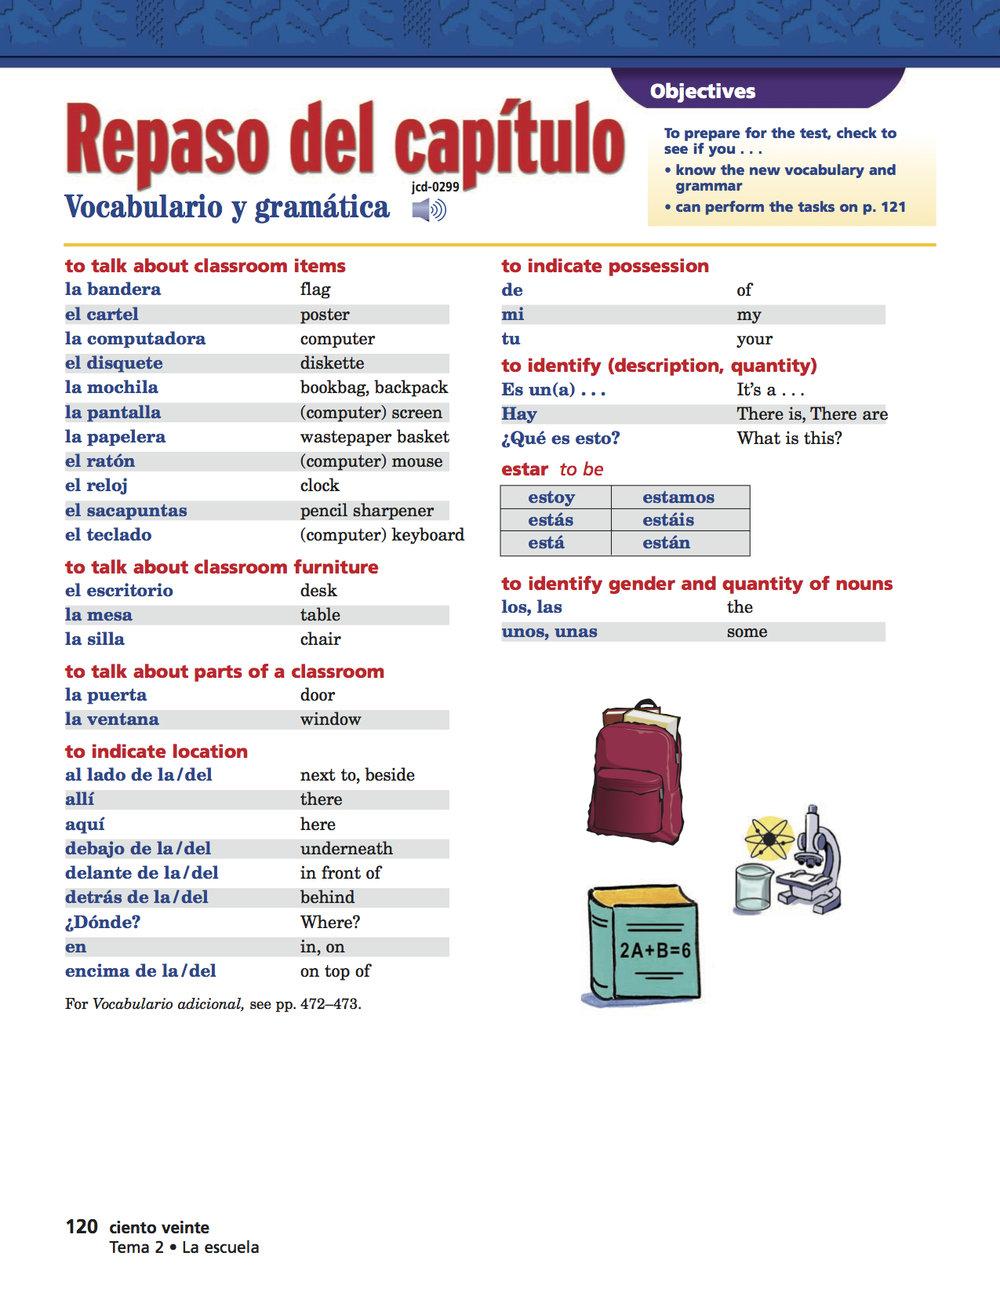 L1_Capitulo_2B copia.jpg